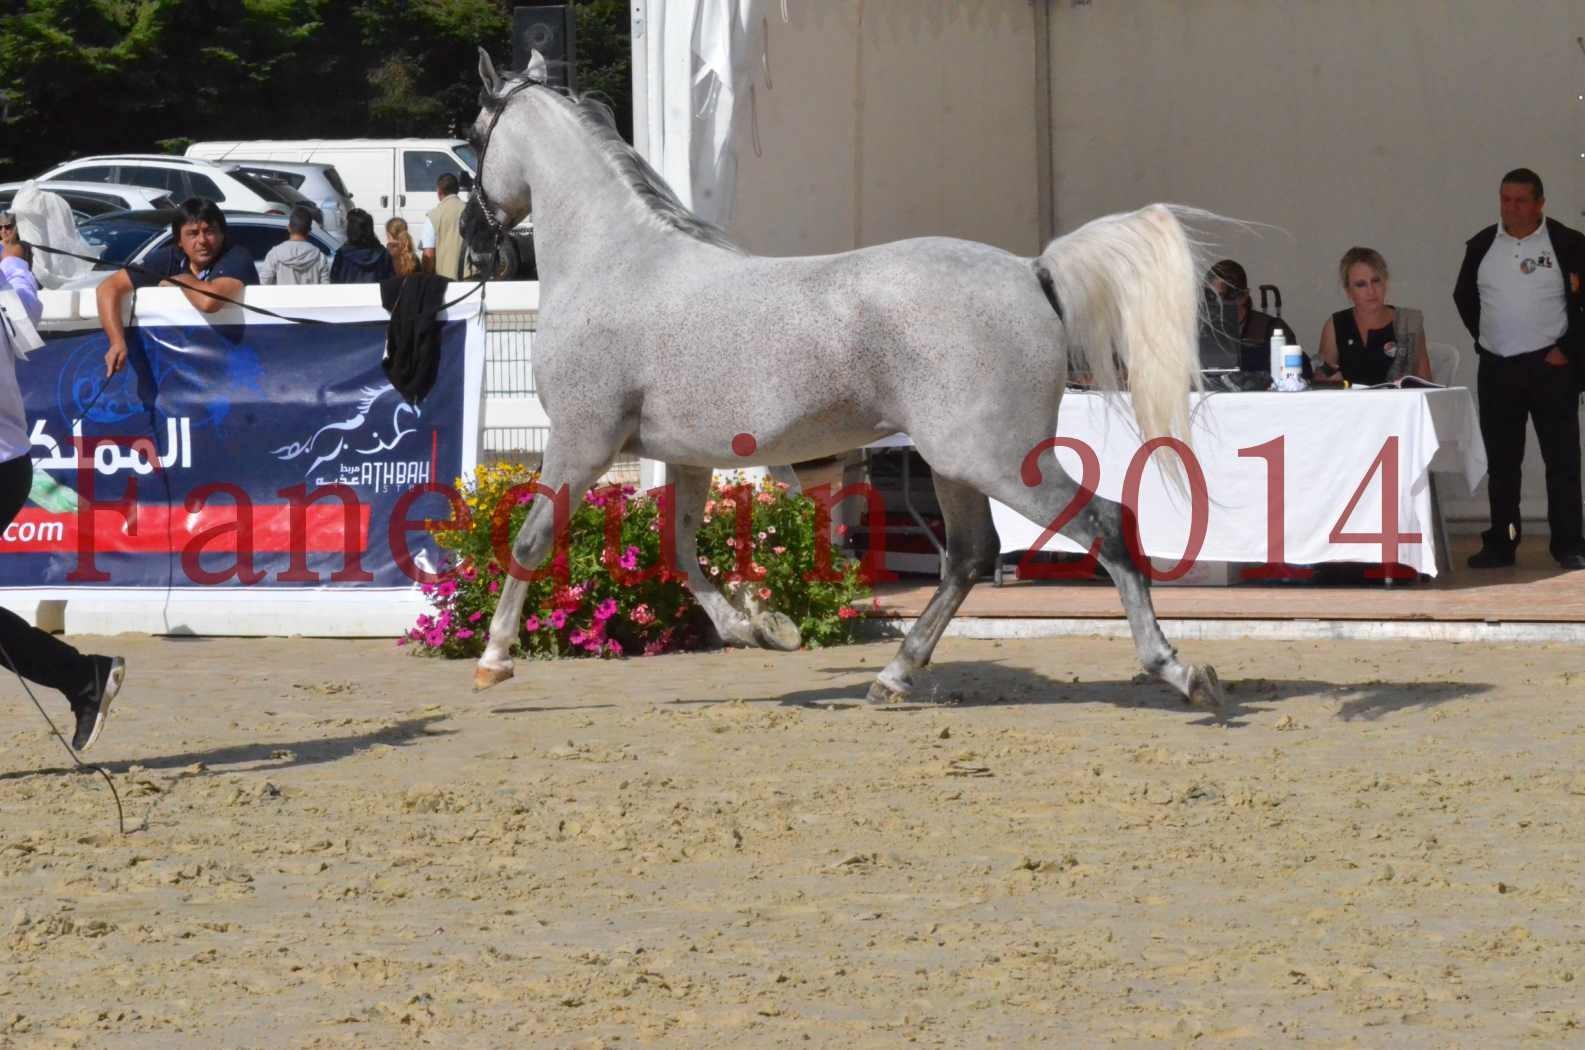 CHAMPIONNAT DE FRANCE  2014 A POMPADOUR - Sélection - SHEYK DE GARGASSAN - 10